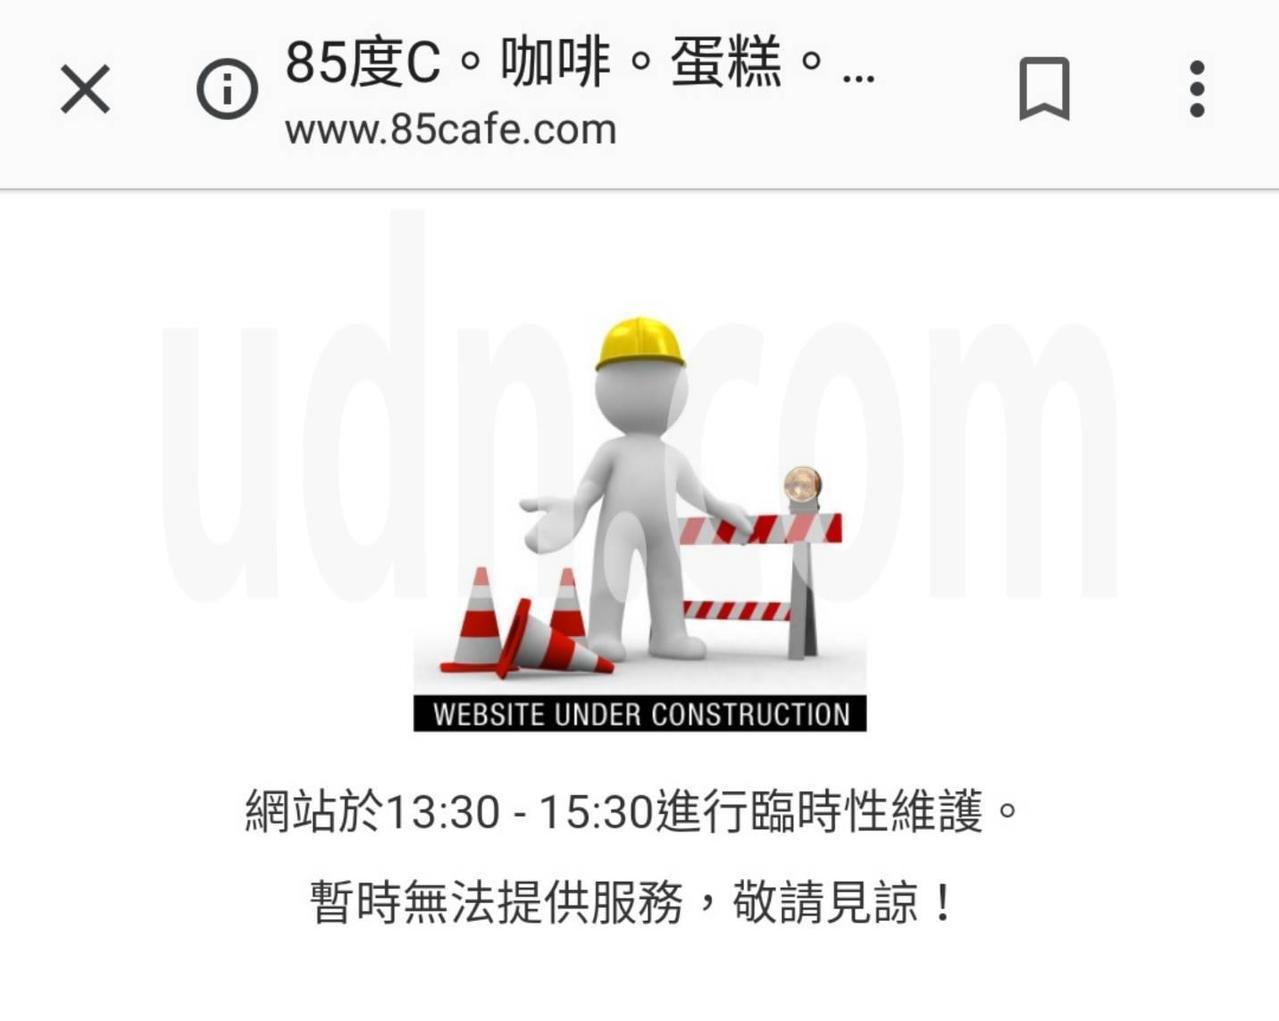 85度C公司已經開始處理,目前官網上顯示「網站於13:30 - 15:30進行臨...